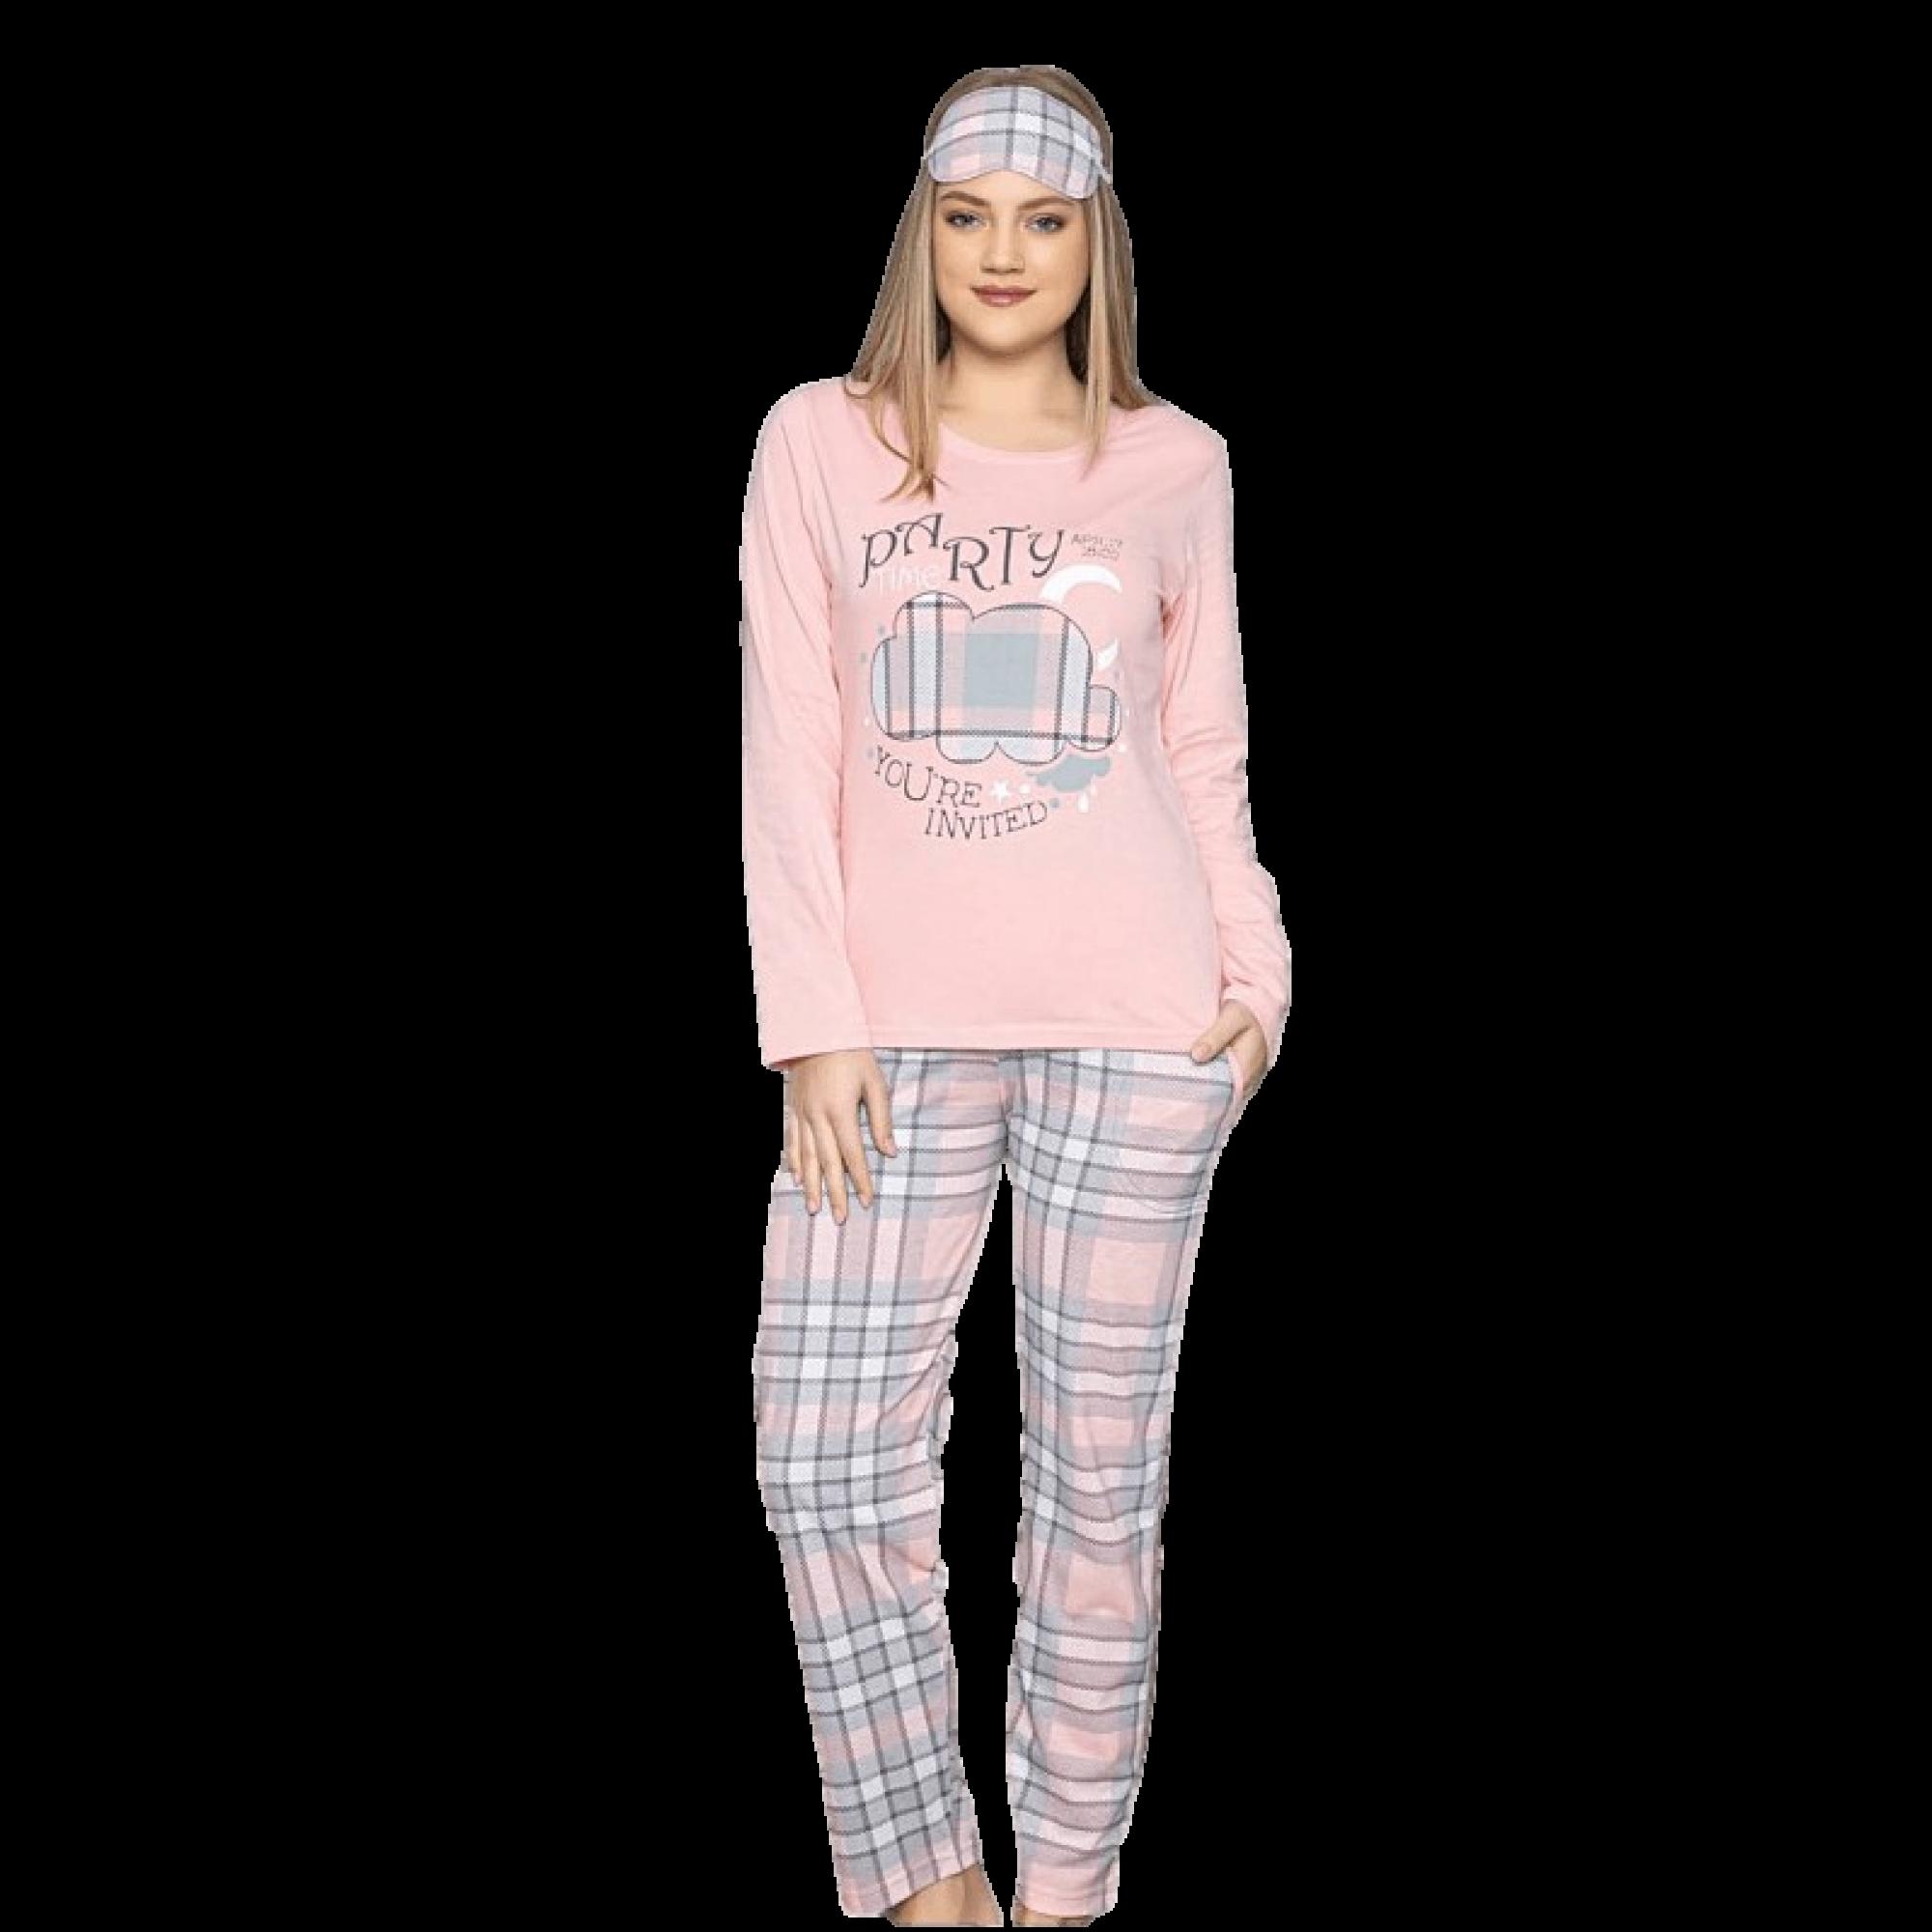 Cute дамска пижама с дълъг ръкав